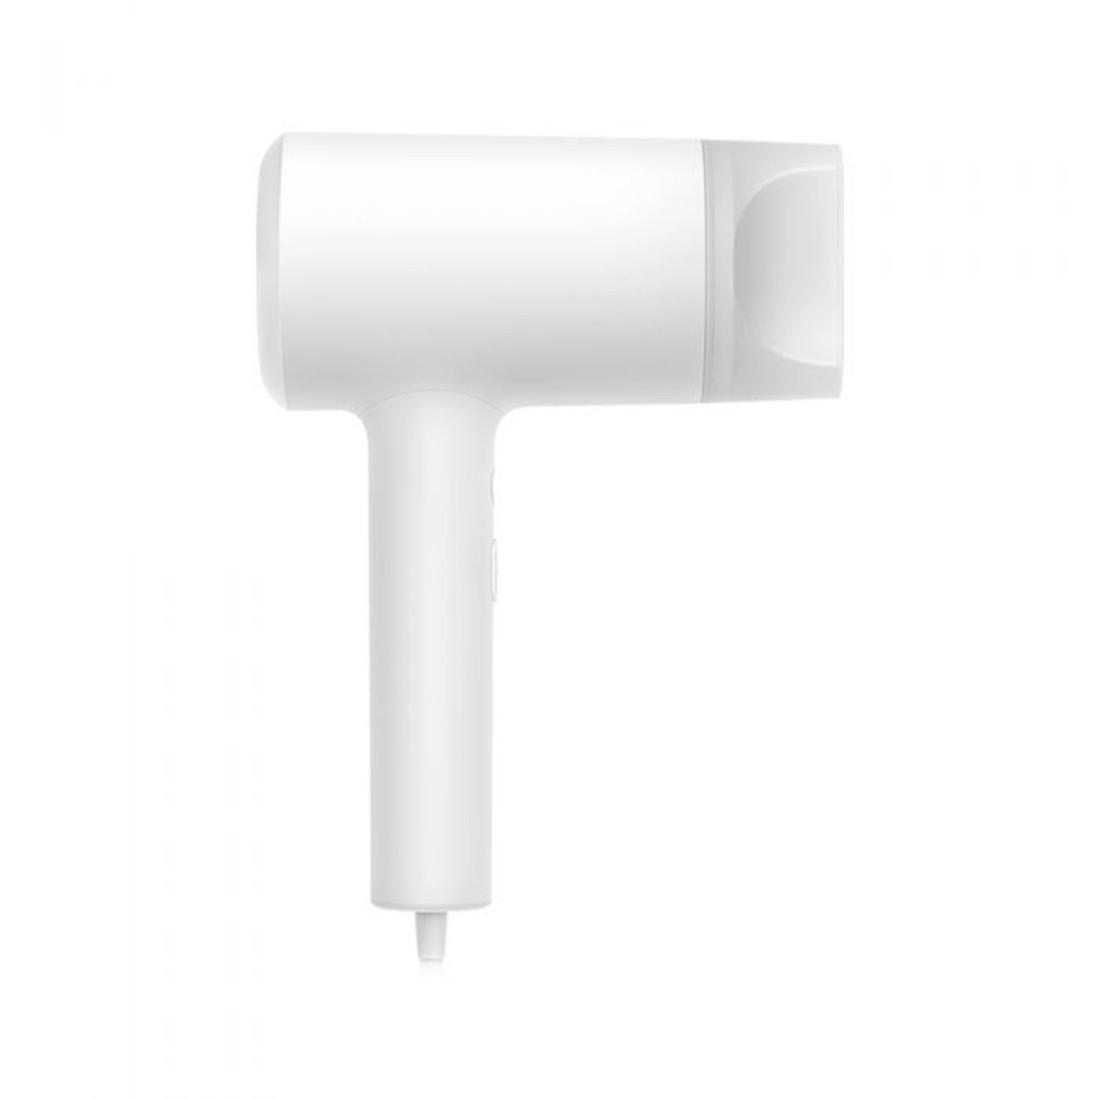 Фен для волос Xiaomi Mi Ionic Hair Dryer (CMJ01LX3) Белый - фото 2